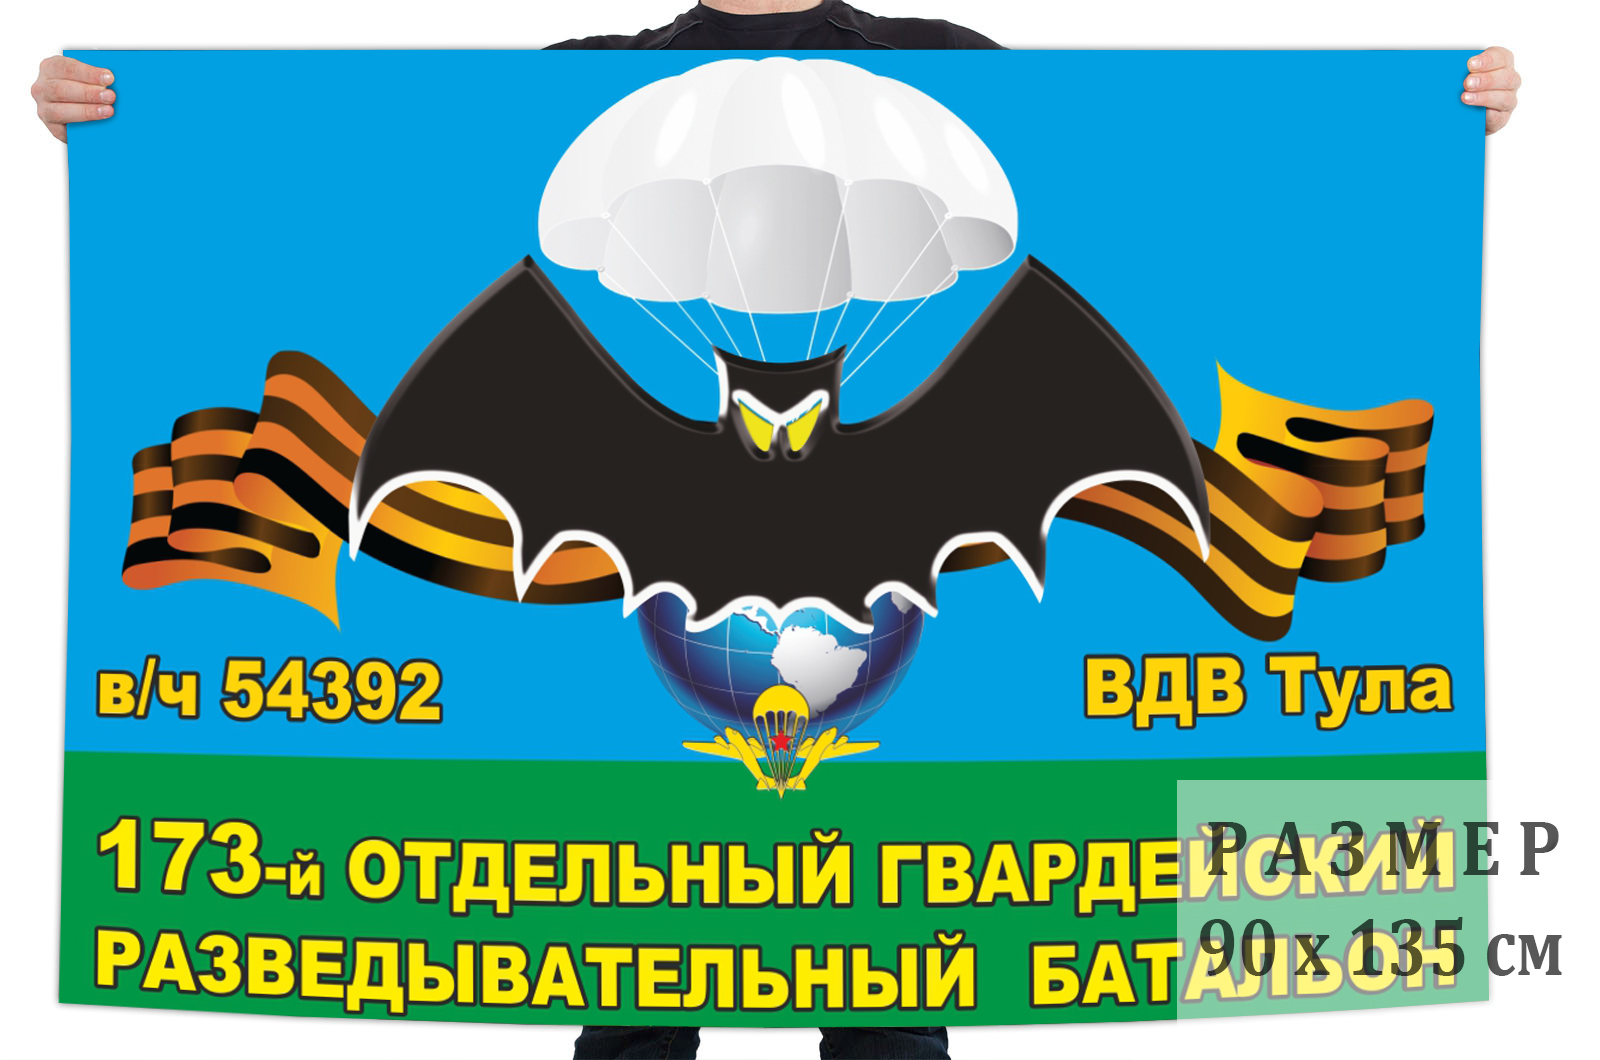 Флаг 173 отдельного гвардейского разведывательного батальона ВДВ